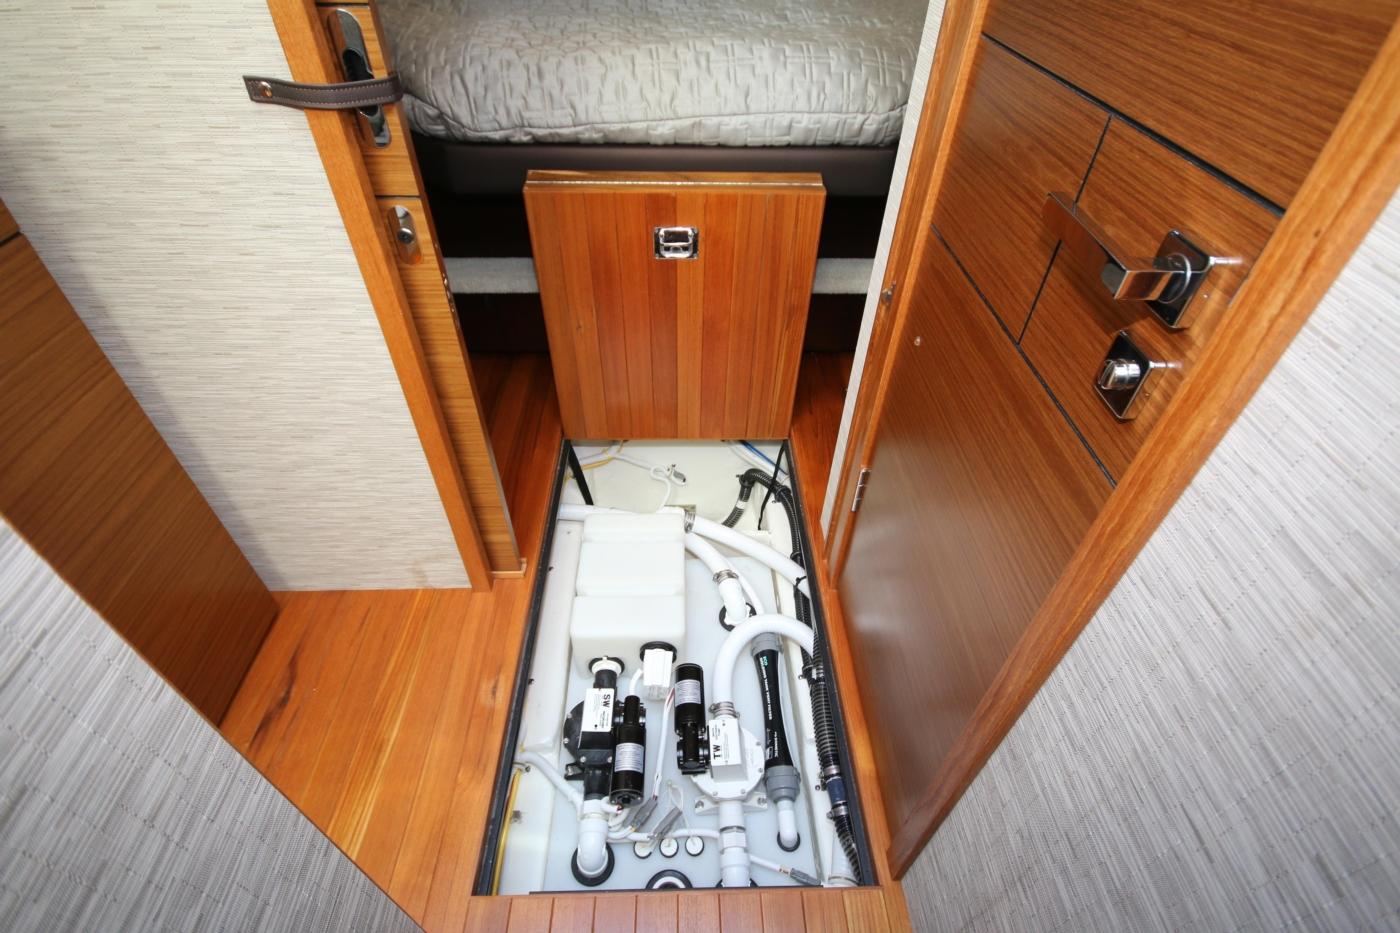 2018 Tiara Yachts 39 Coupe, Plumbing